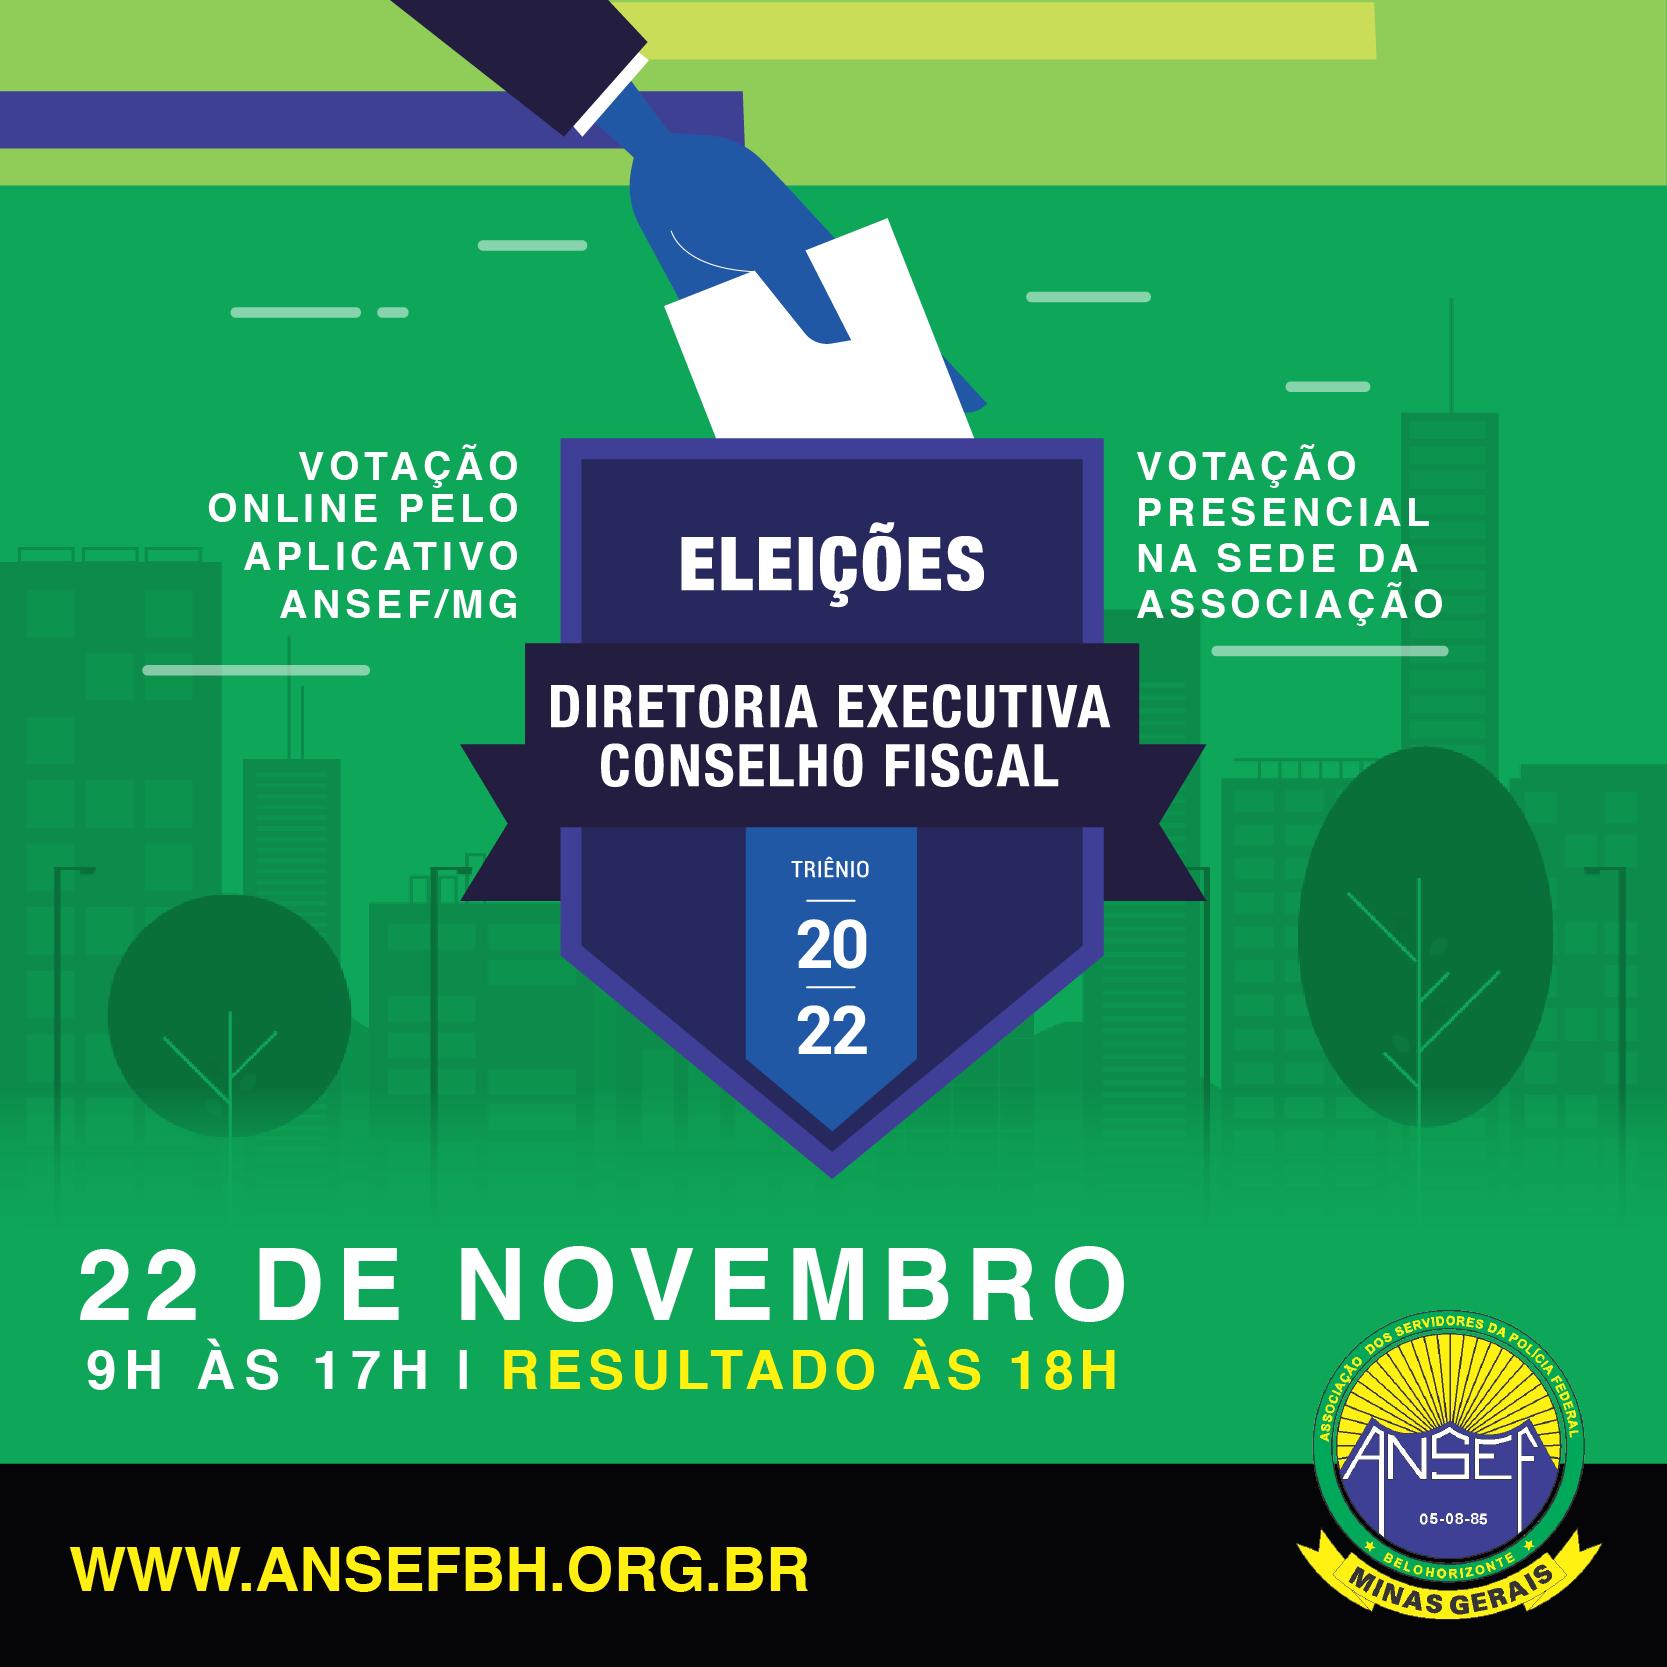 Eleições para a Diretoria Executiva e o Conselho Fiscal